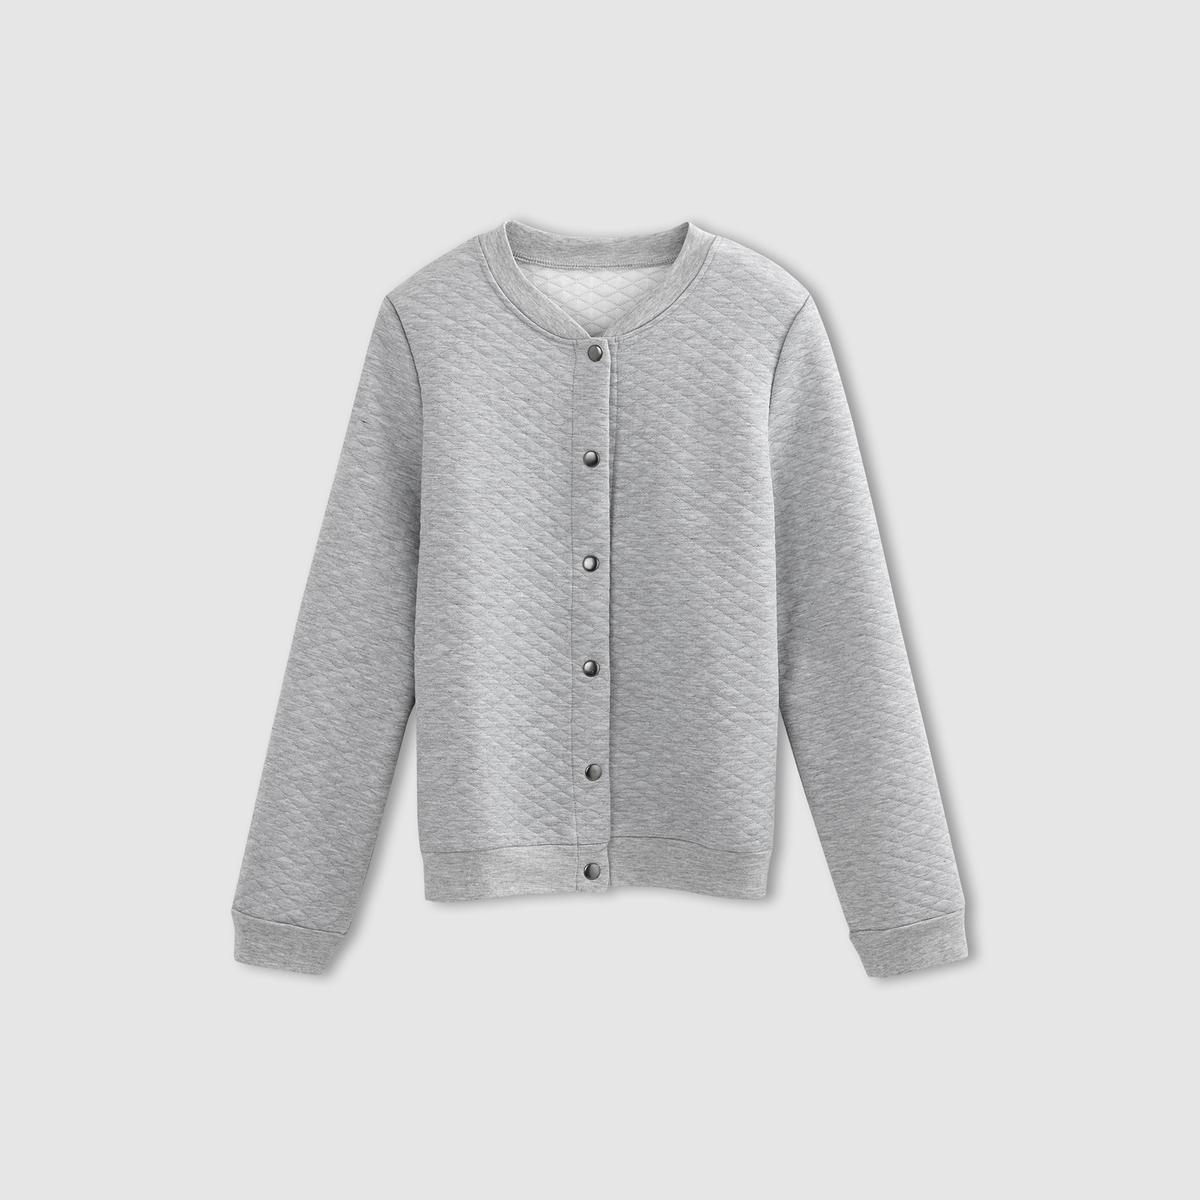 Куртка-бомбер стеганаяСостав и описание :Материал : 100% полиэстераМарка :      R ?ditionУходСтирка при 30° с одеждой подобного цвета  - Стирать и гладить с изнанкиГладить на низкой температуре<br><br>Цвет: серый меланж